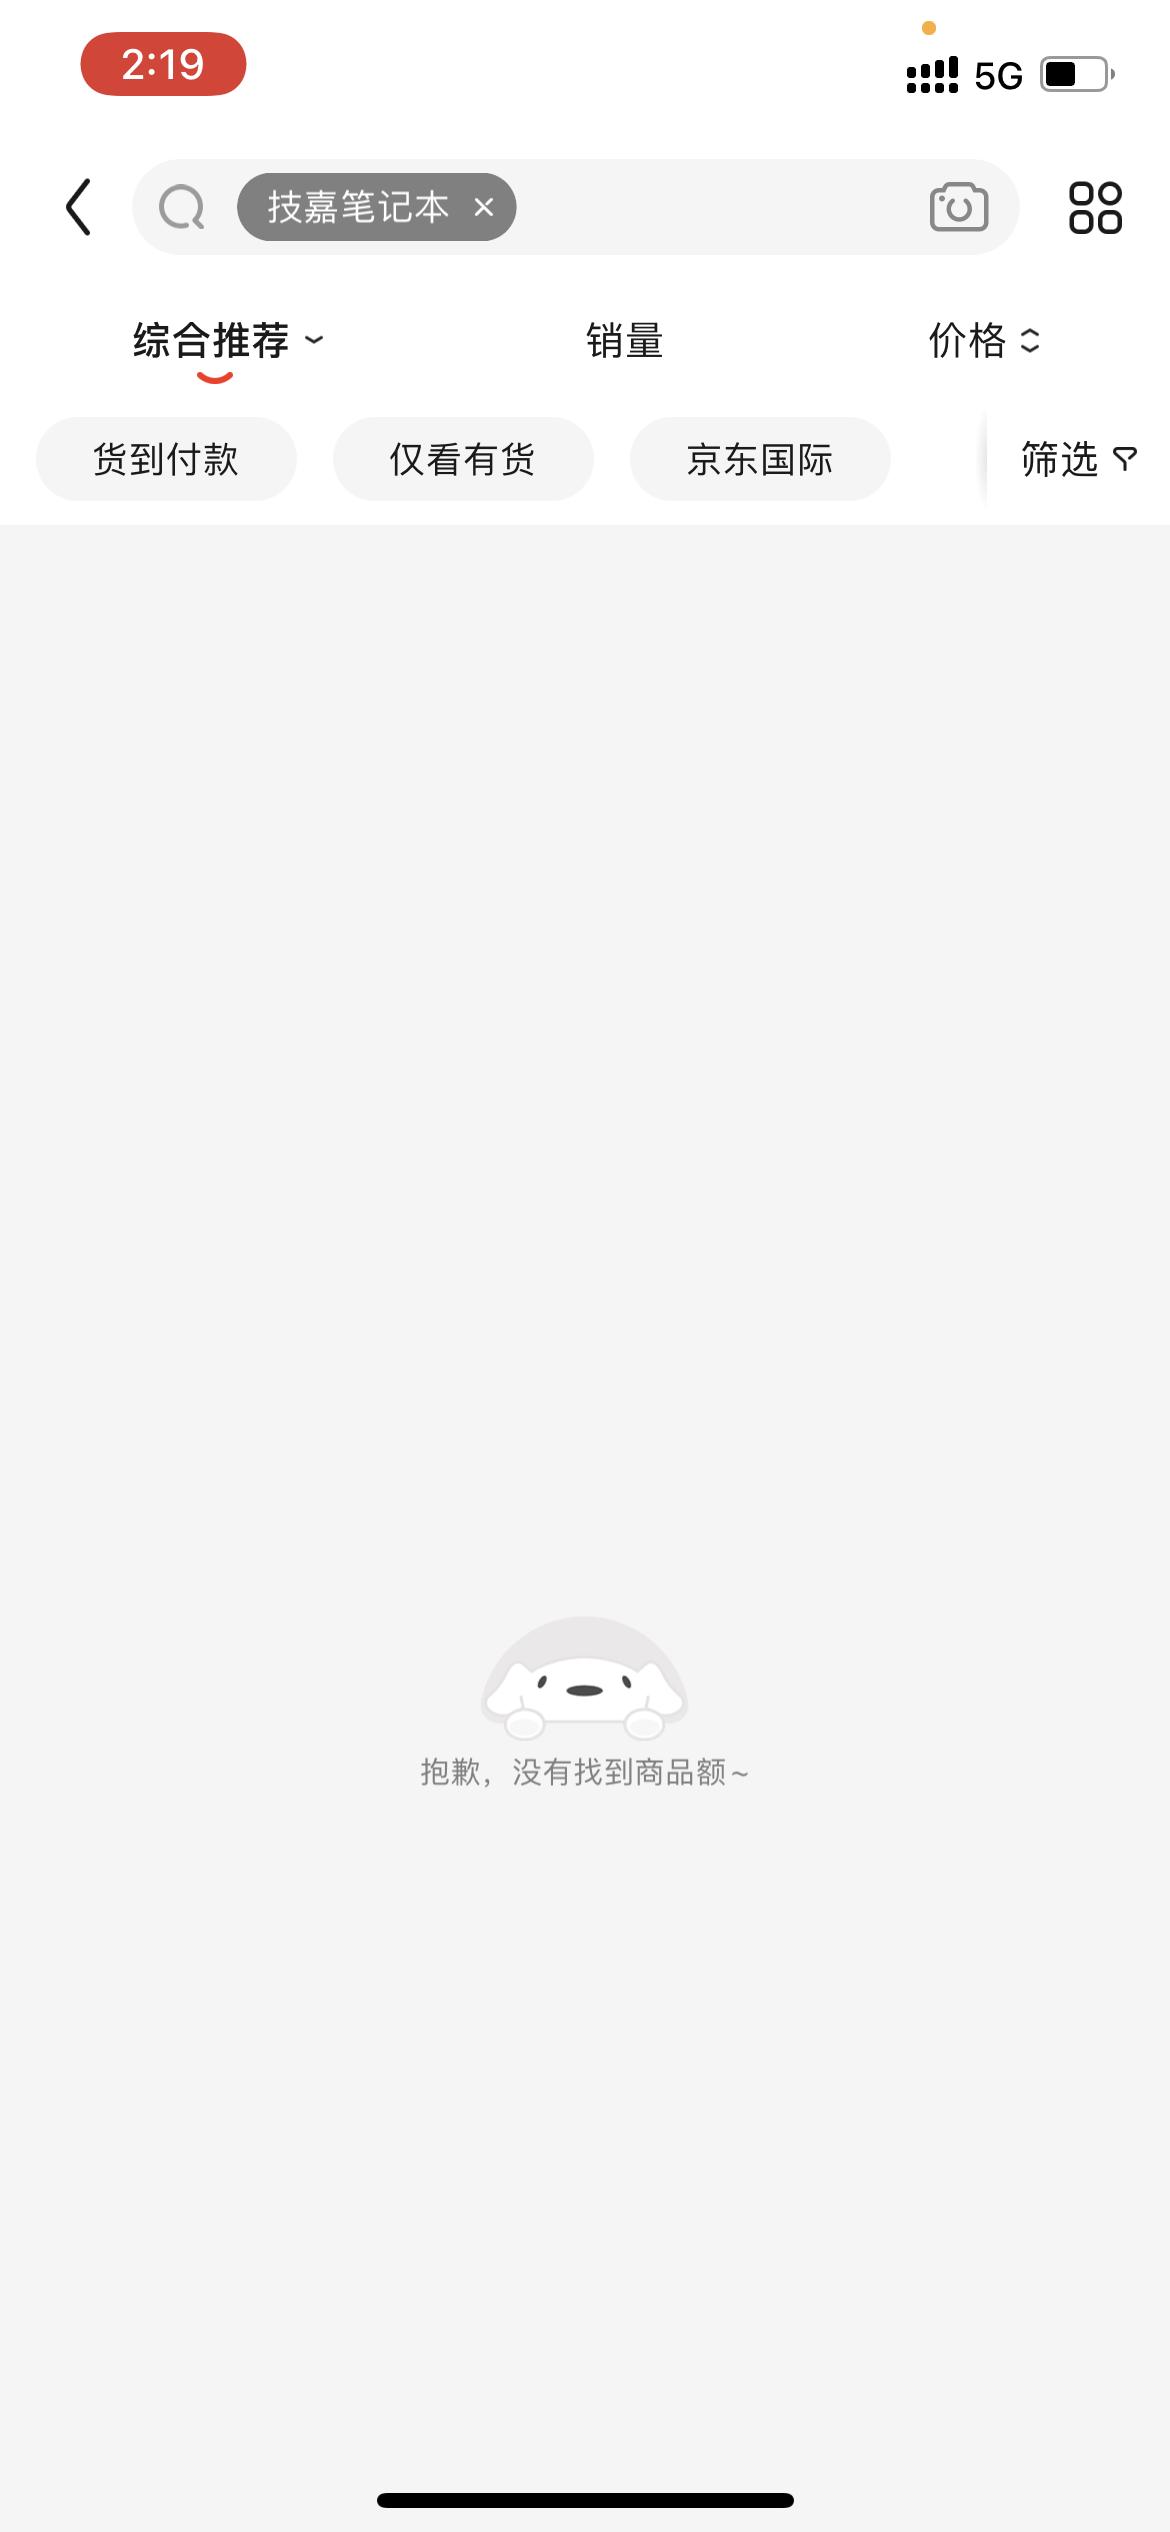 """京东平台上搜索""""技嘉笔记本""""显示没有找到商品"""